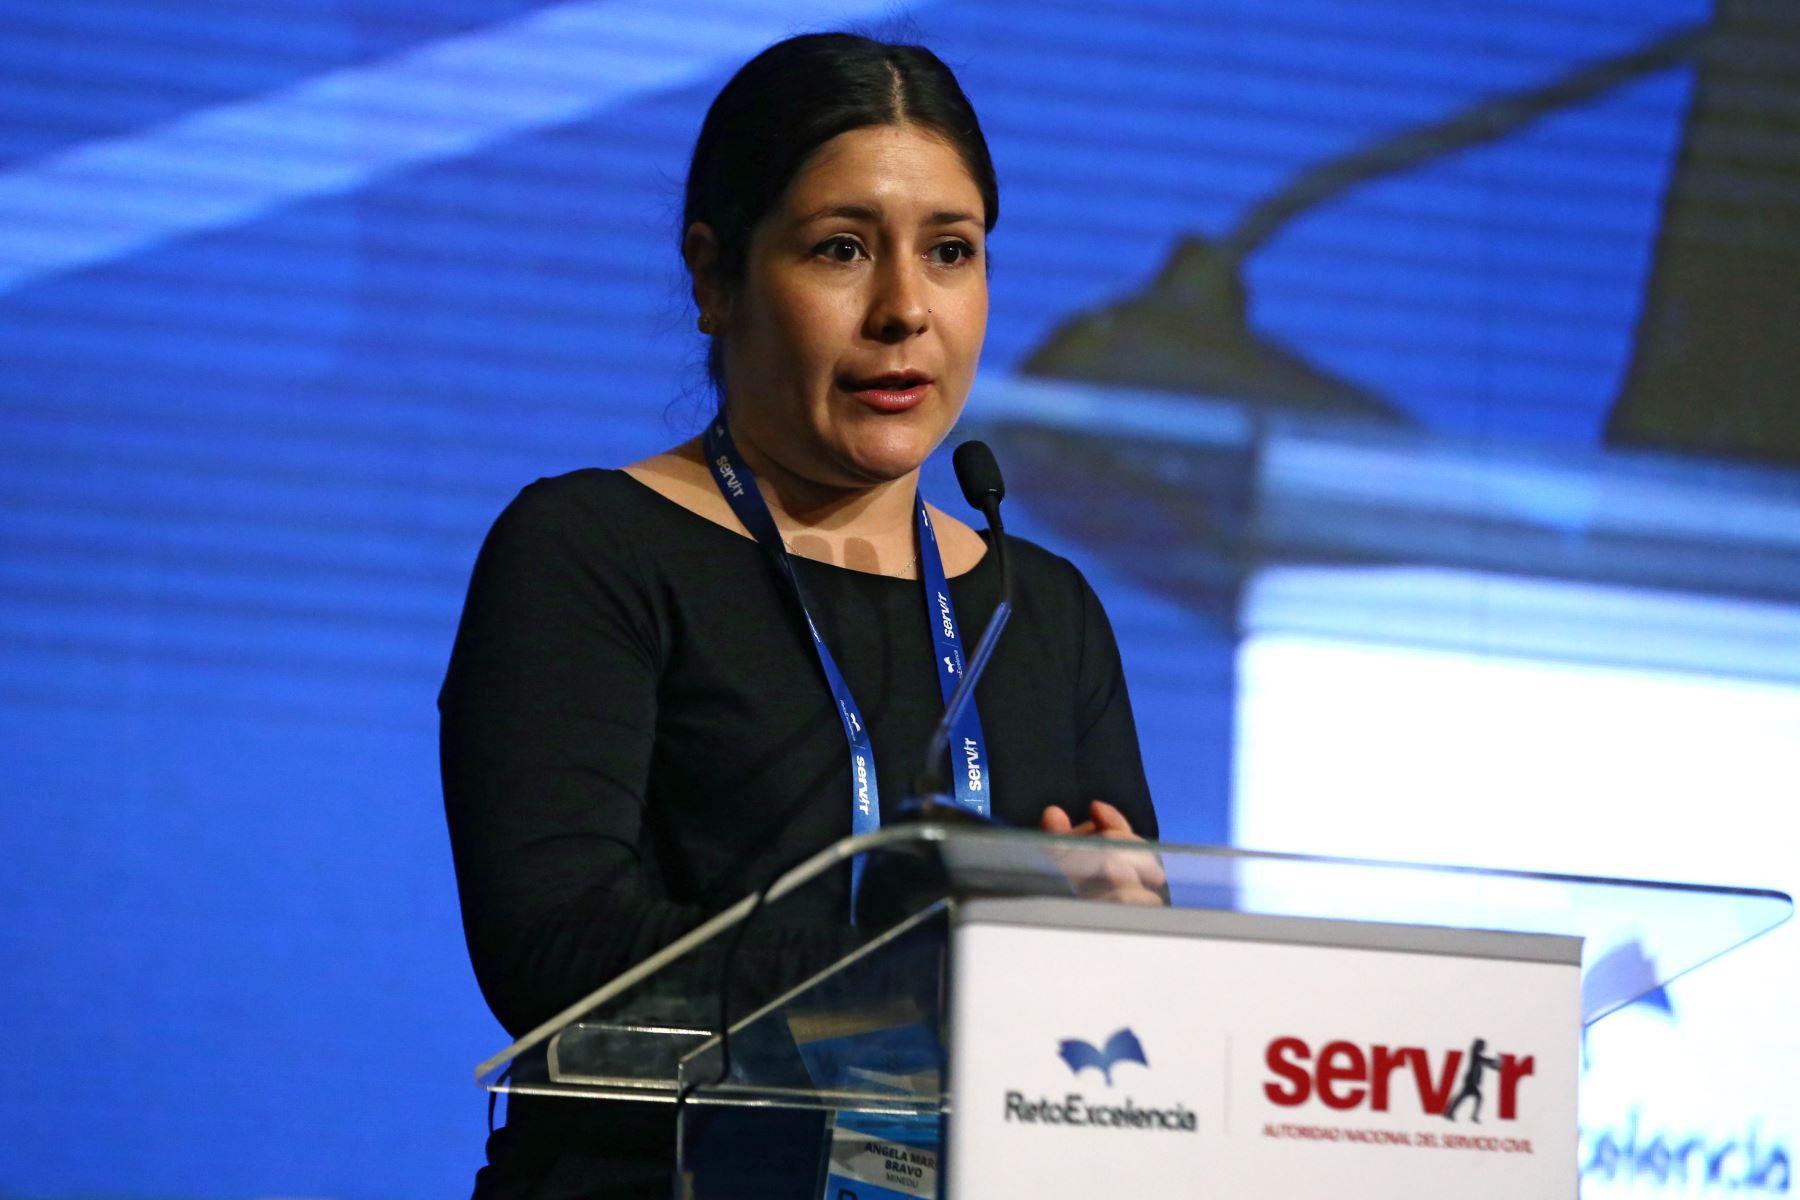 Angela María Bravo, del Minedu expone en eI Encuentro Nacional de Beneficiarios del programa Reto excelencia.  Foto: ANDINA/Vidal Tarqui